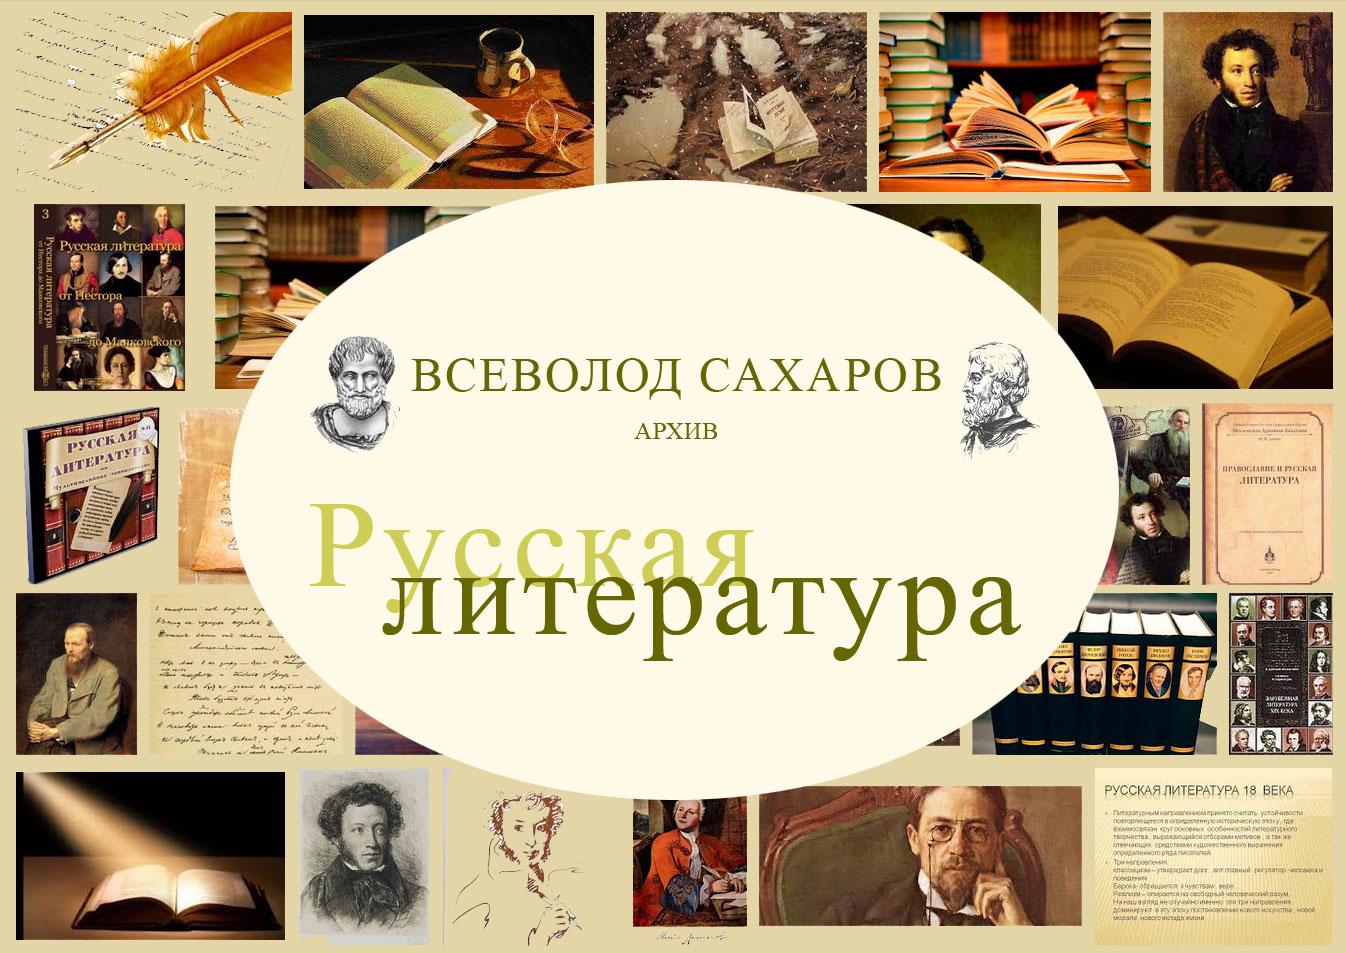 Лучшие произведения русской литературы на archvs.org